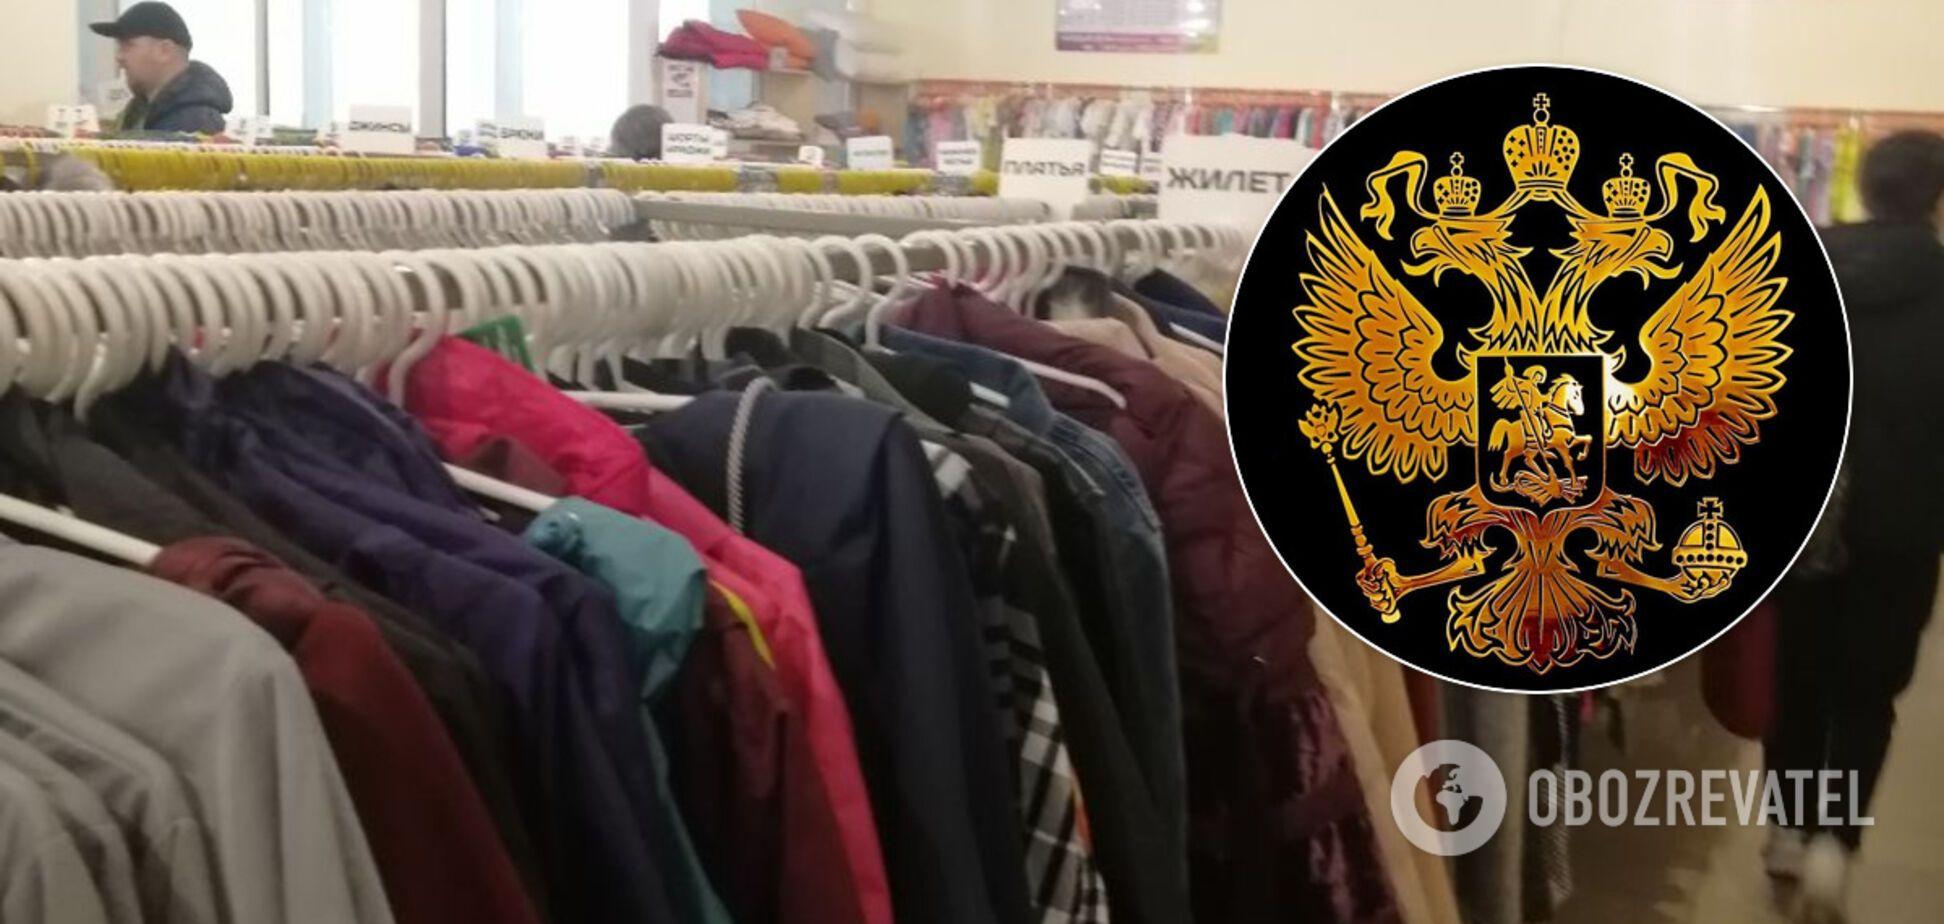 'У мене ворогів немає!' У Миколаєві торгували одягом із символікою Росії: розгорівся скандал